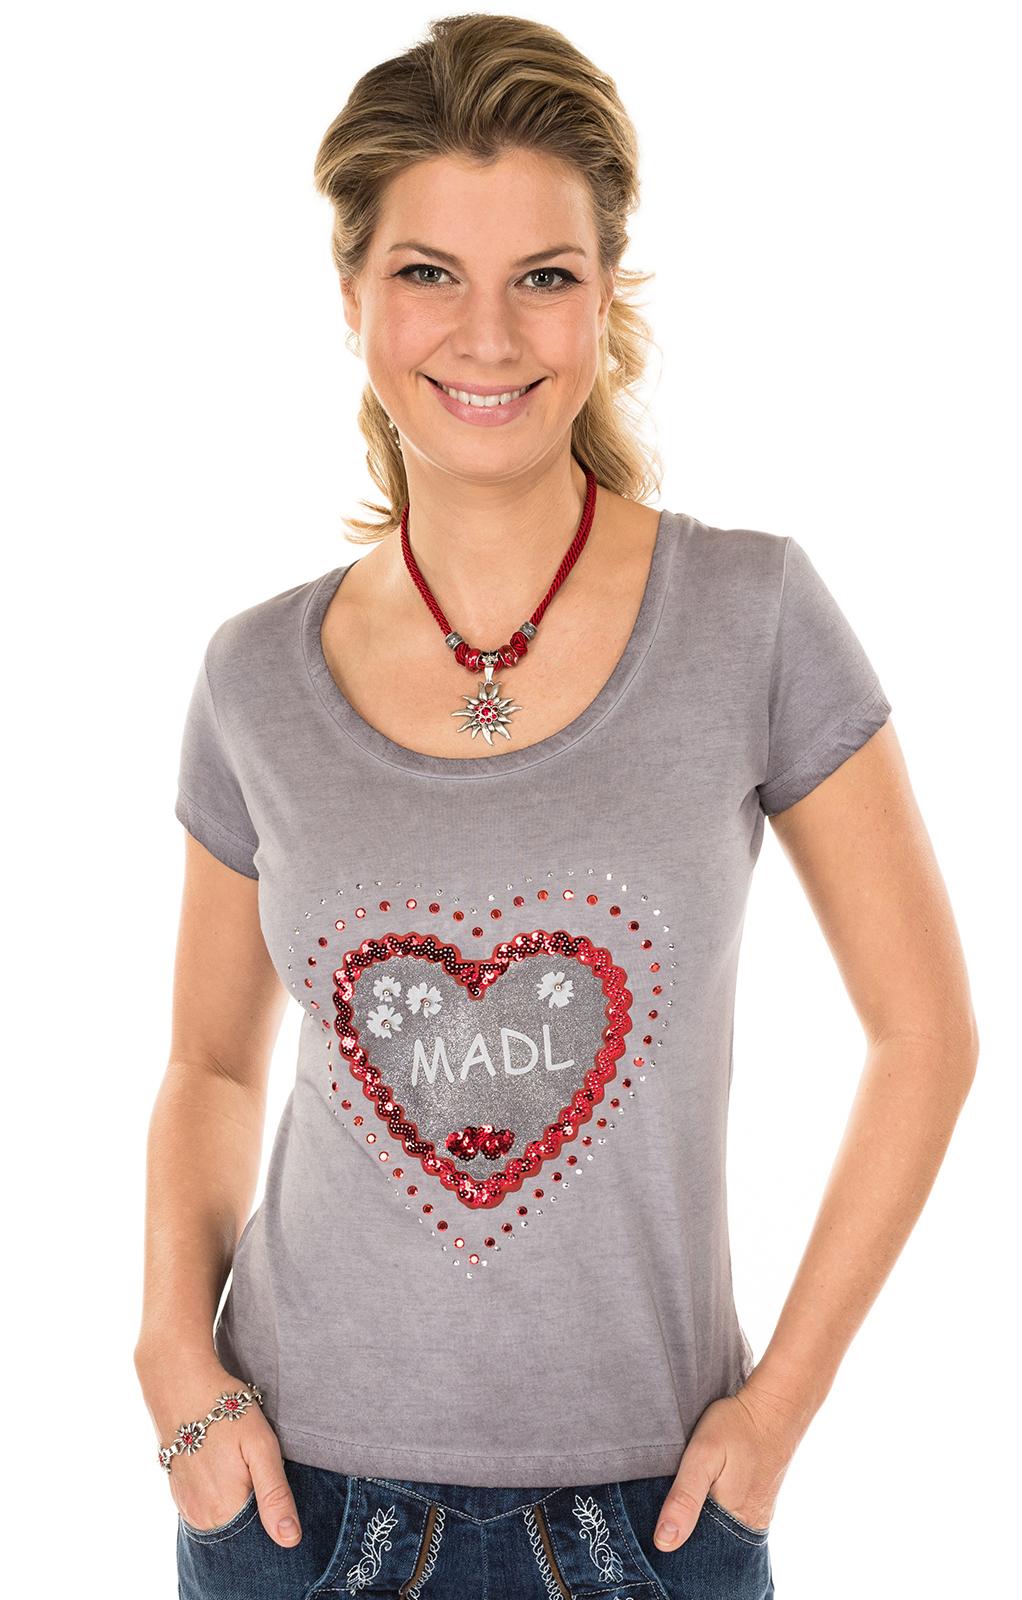 Trachten T-Shirt VIANA grau Herzmotiv von Hangowear